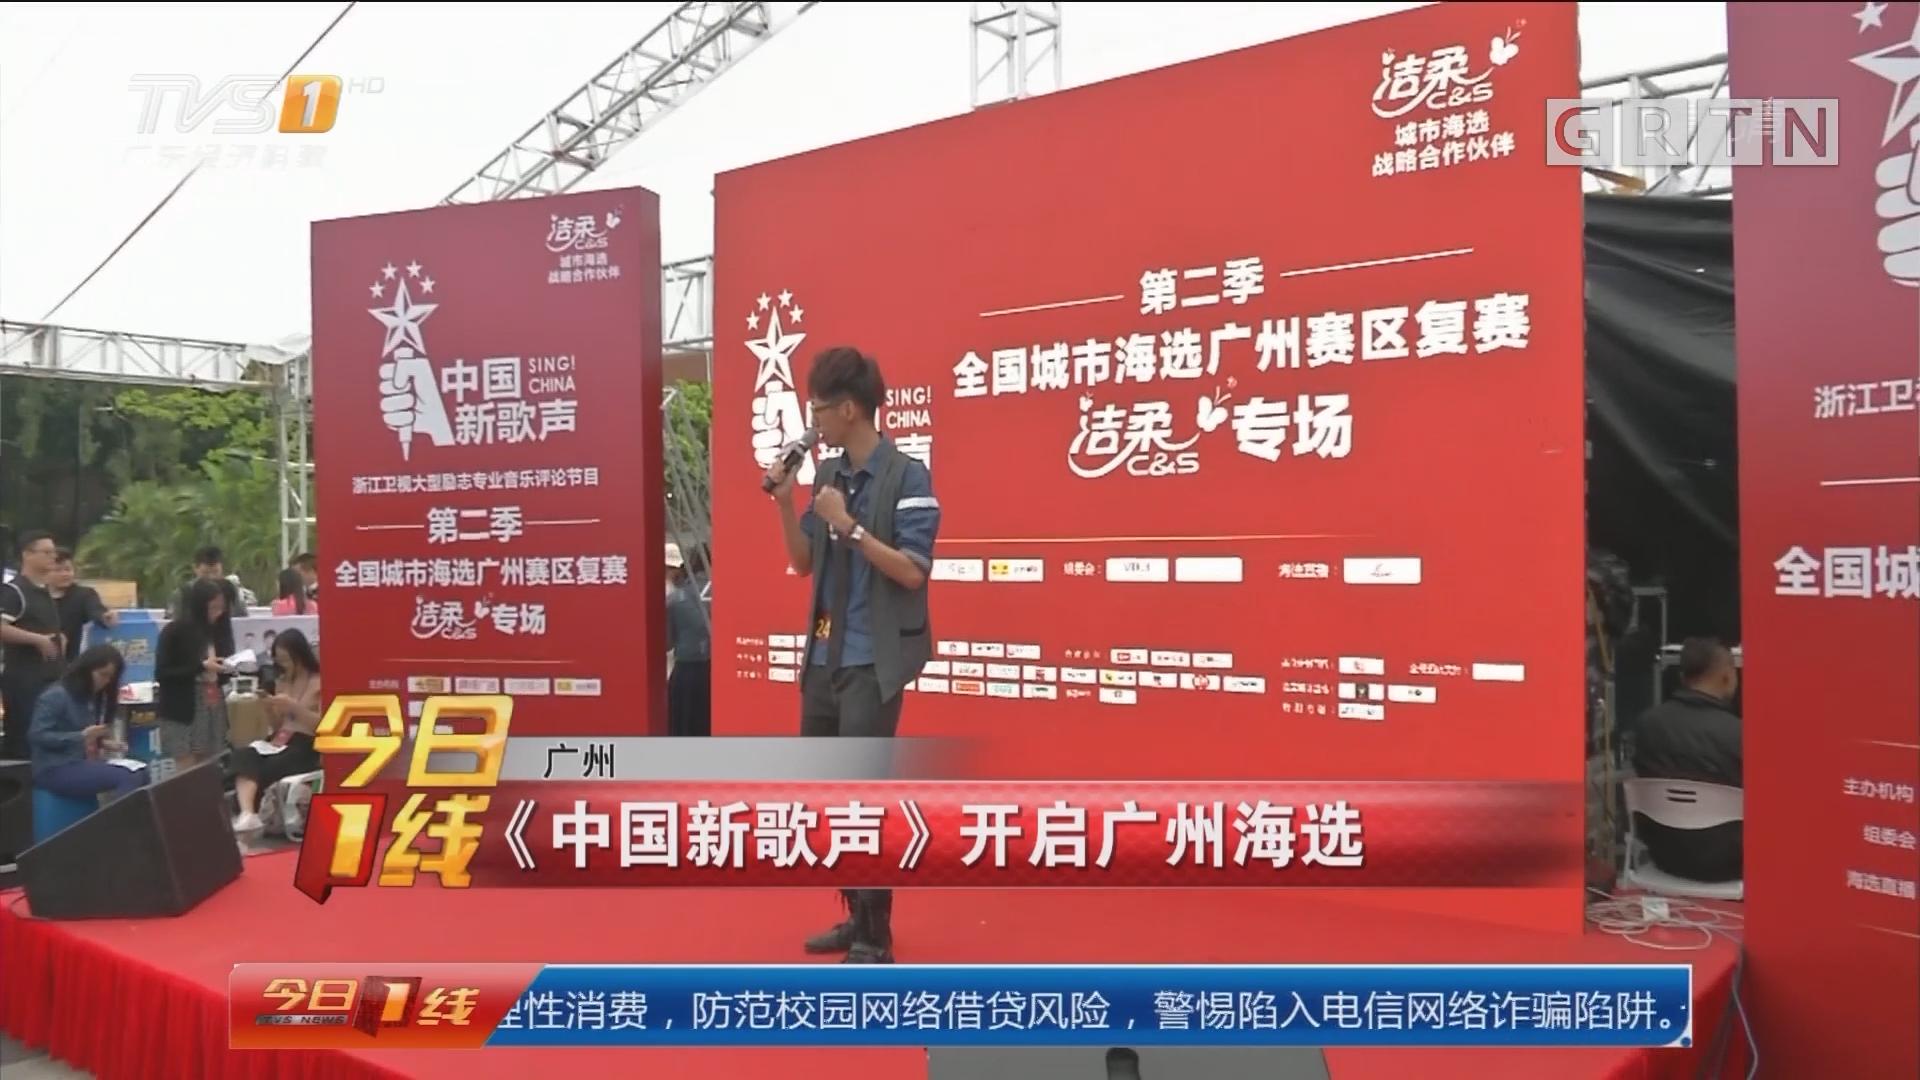 广州:《中国新歌声》开启广州海选